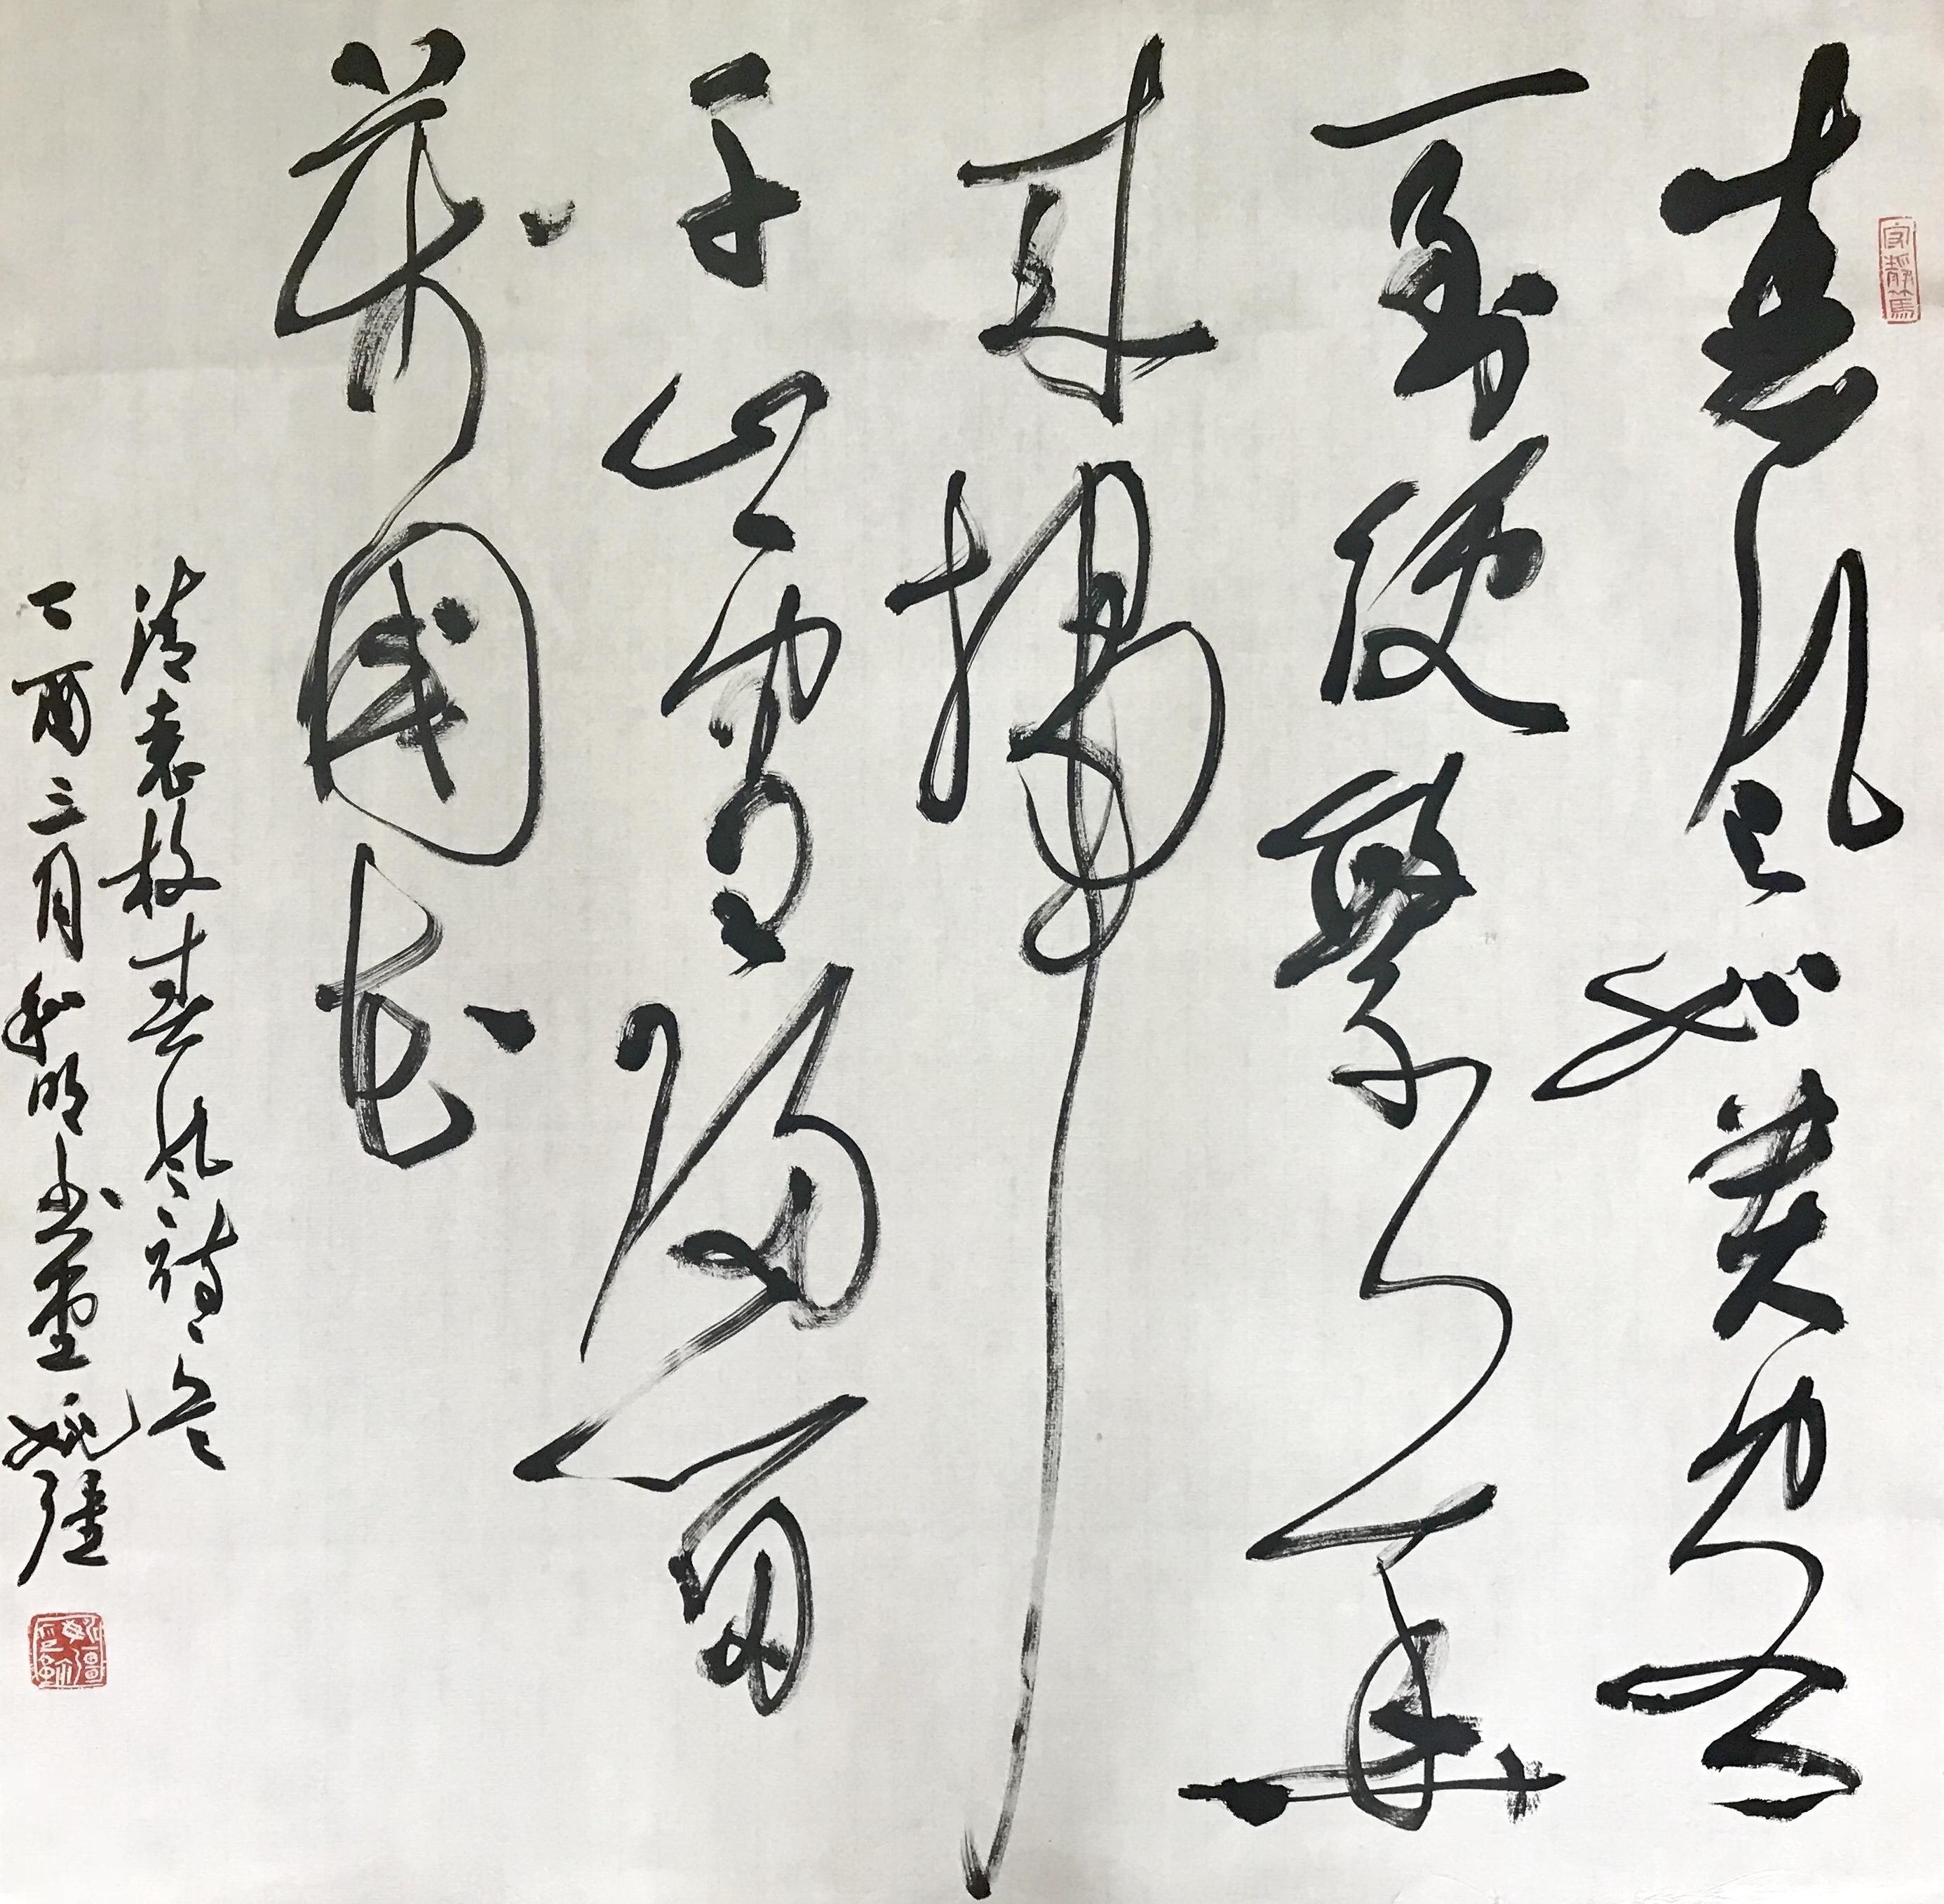 姚强—袁枚《春风》